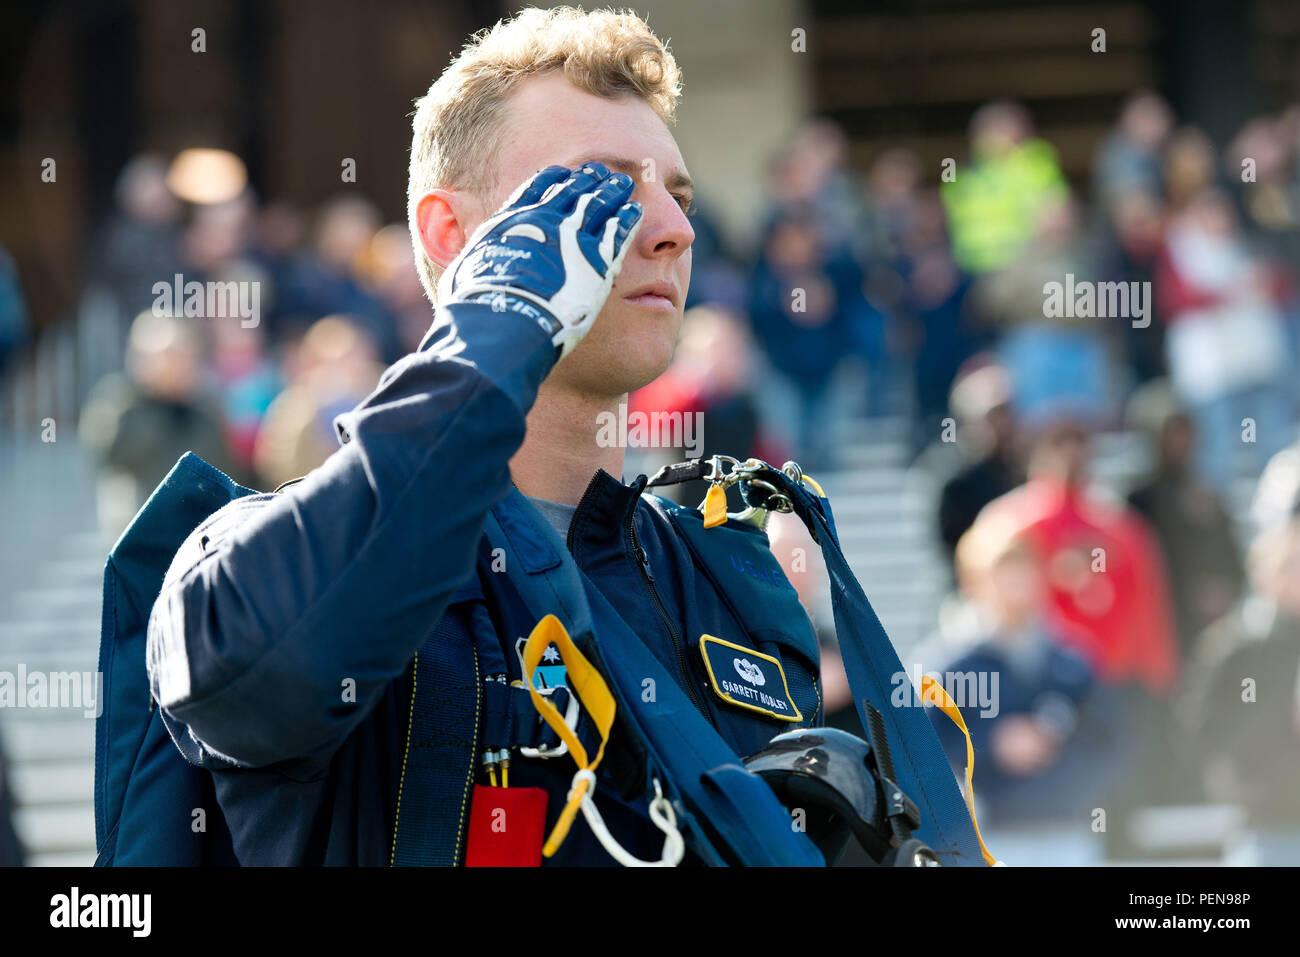 Salutes The National Anthem Stock Photos & Salutes The